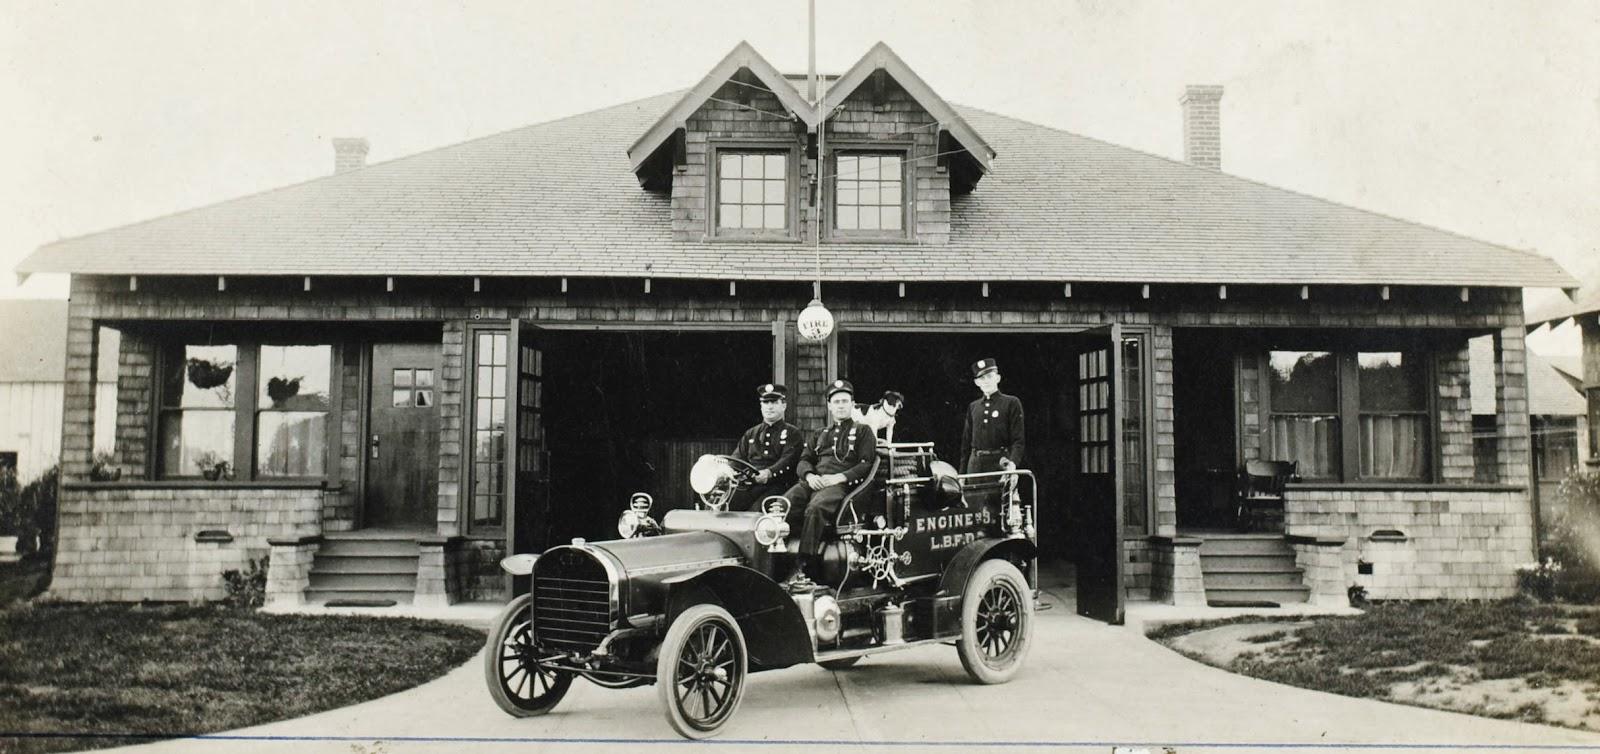 Long Beach Fire Dept Museum